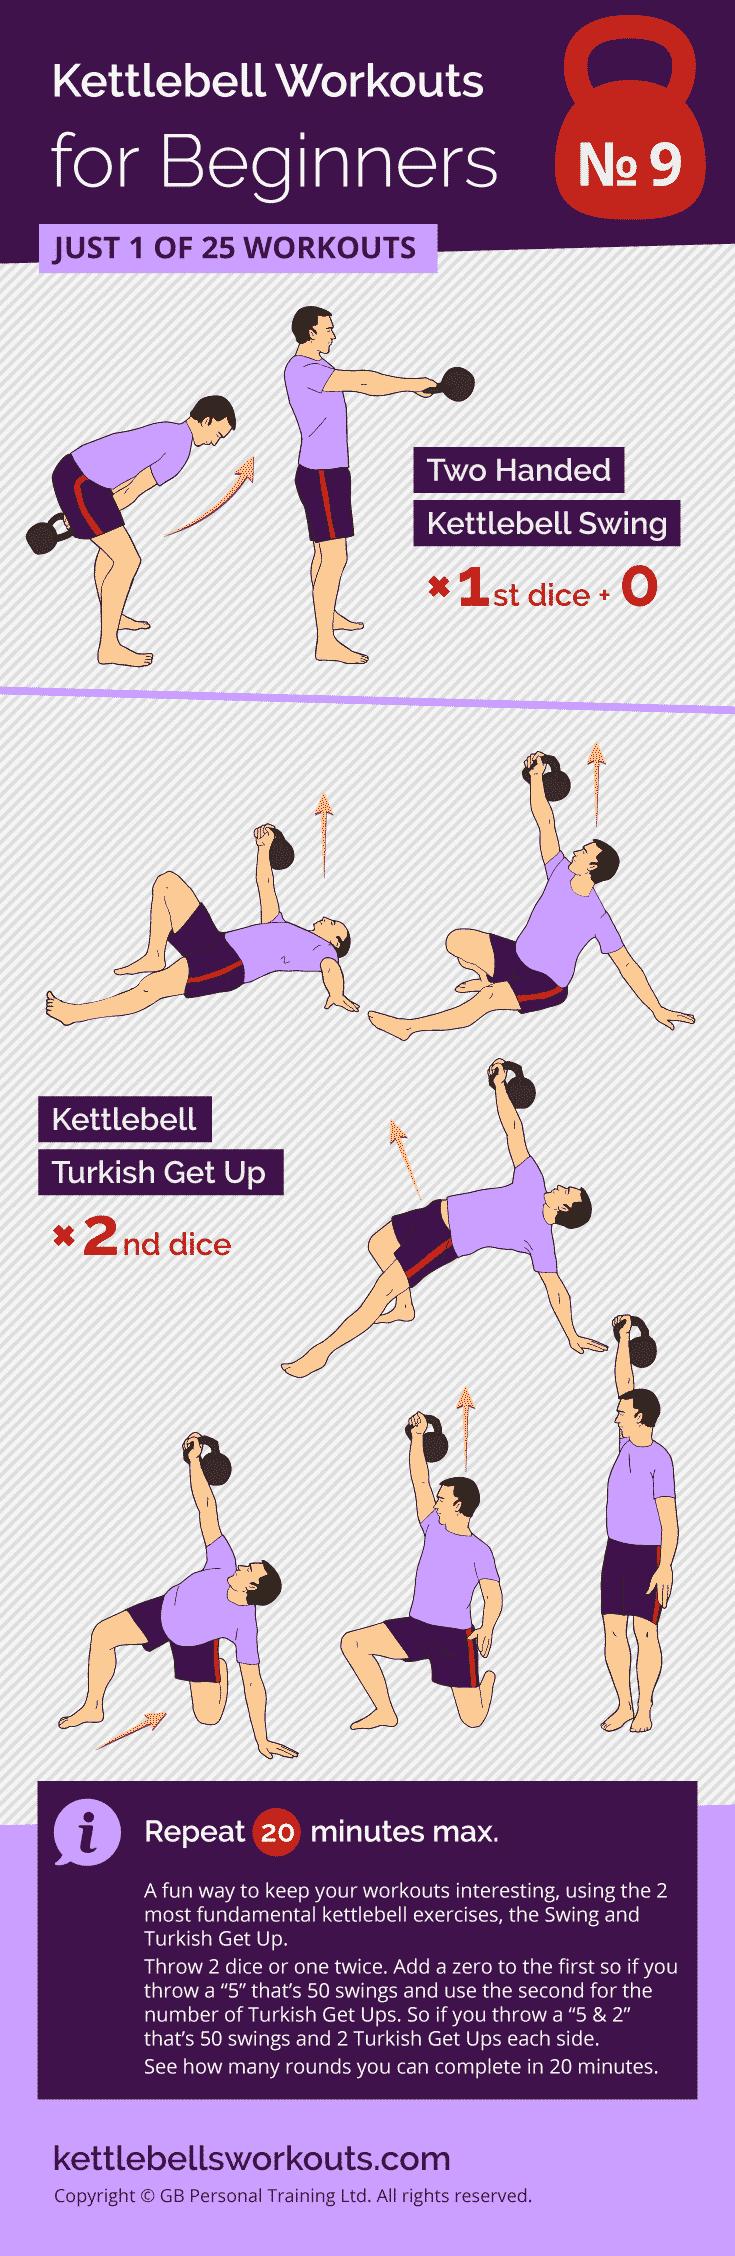 Dice Pair Kettlebell Workout